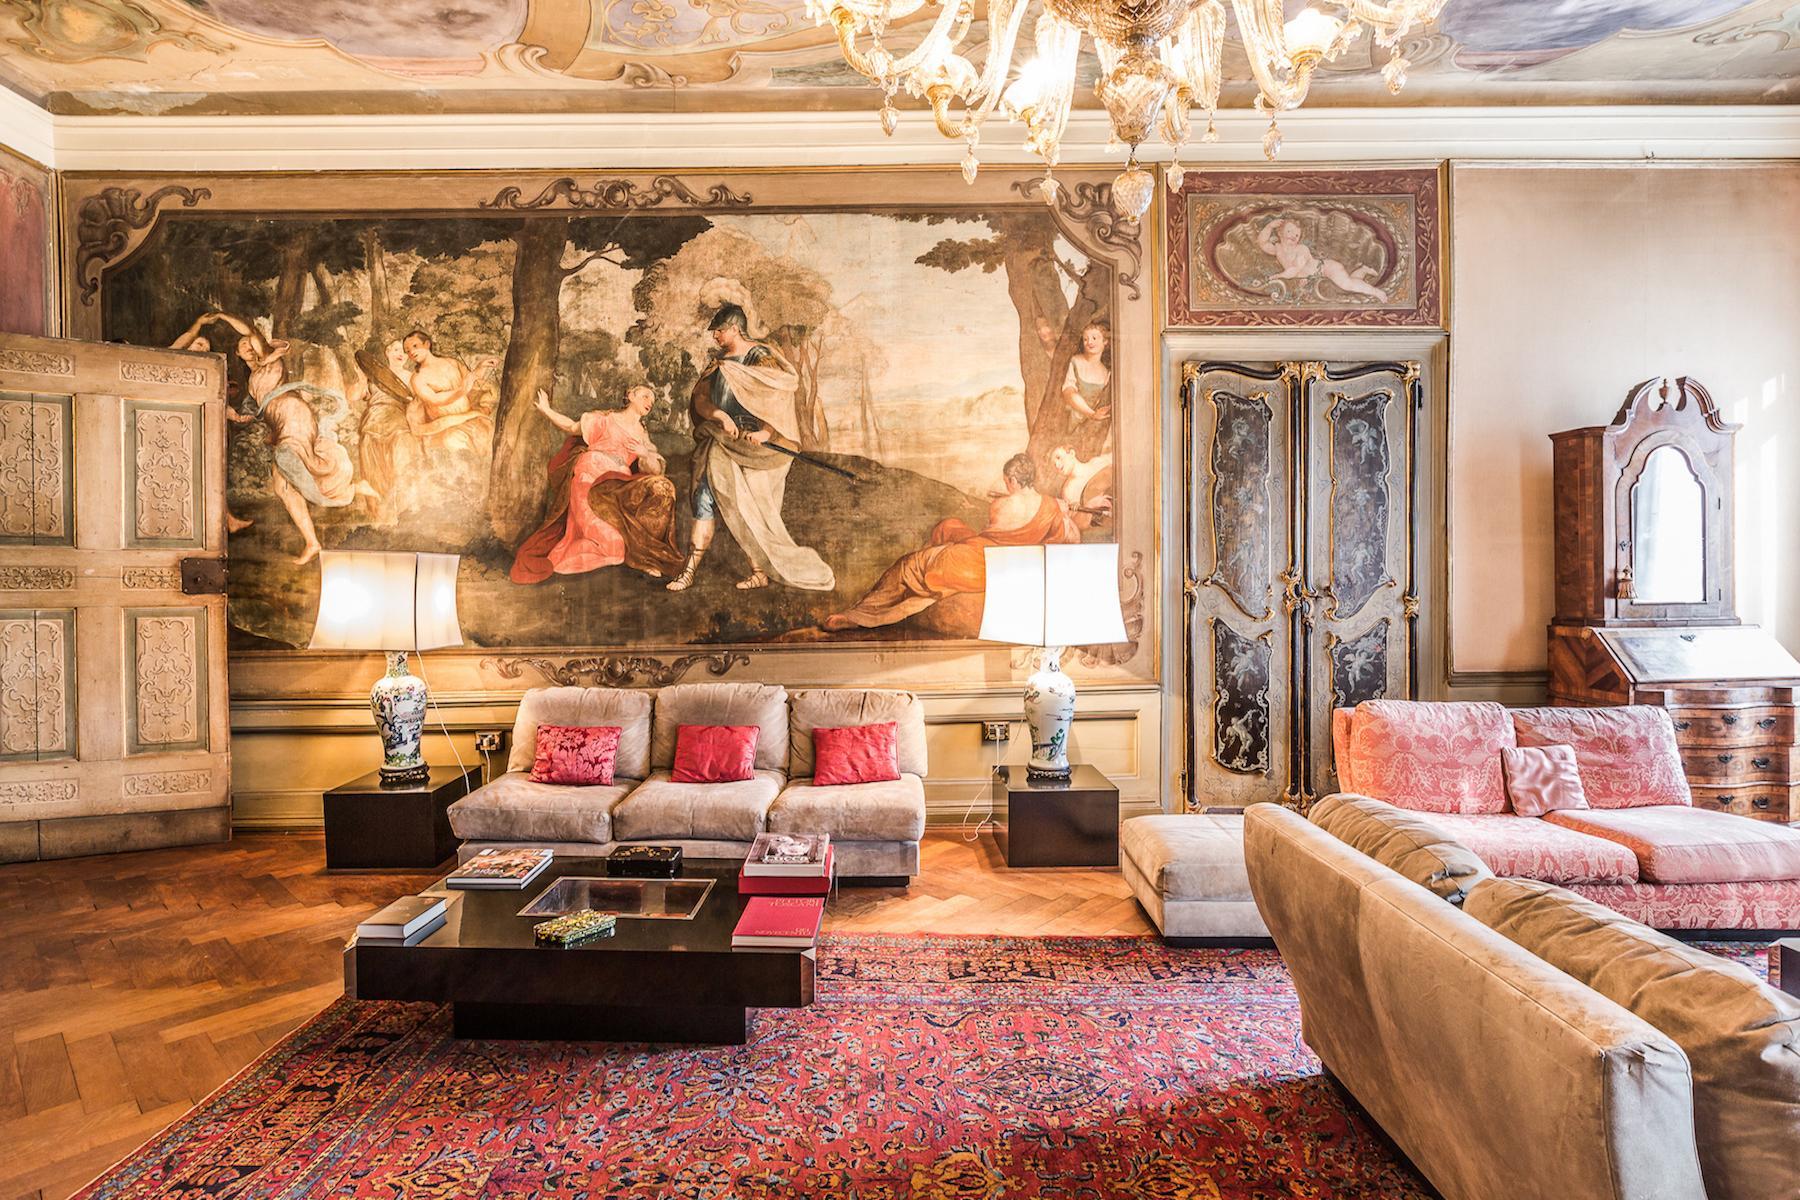 Wunderschöne Wohnung im Santo Stefano Stadtviertel - 2